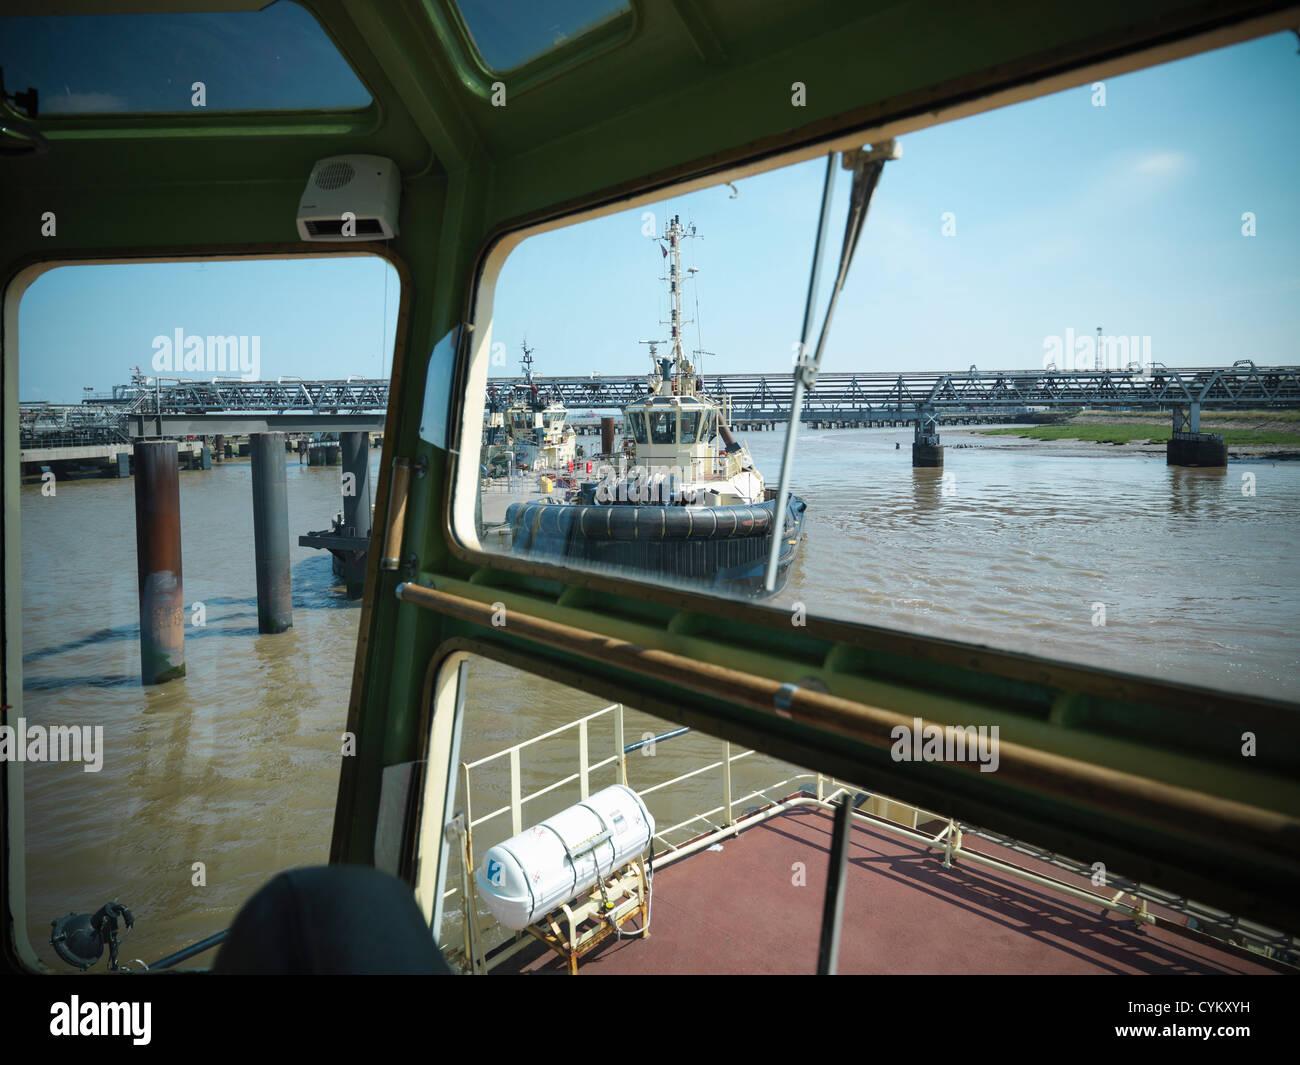 Les remorqueurs in urban harbor Photo Stock